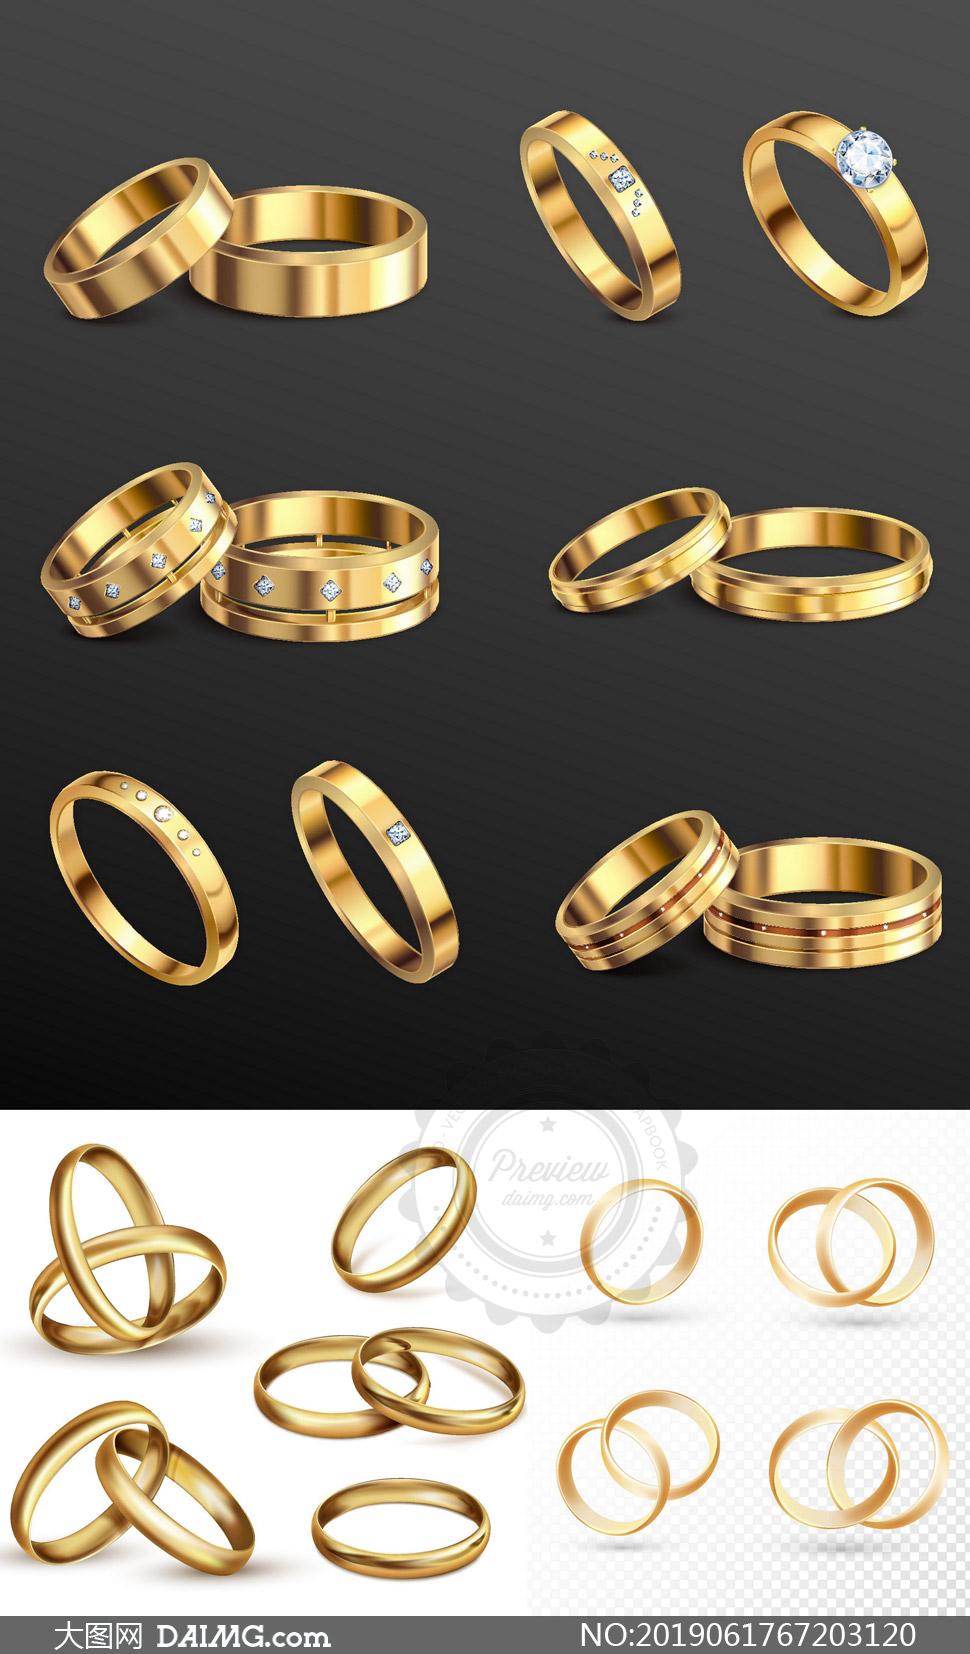 立體質感金色結婚戒指主題矢量素材